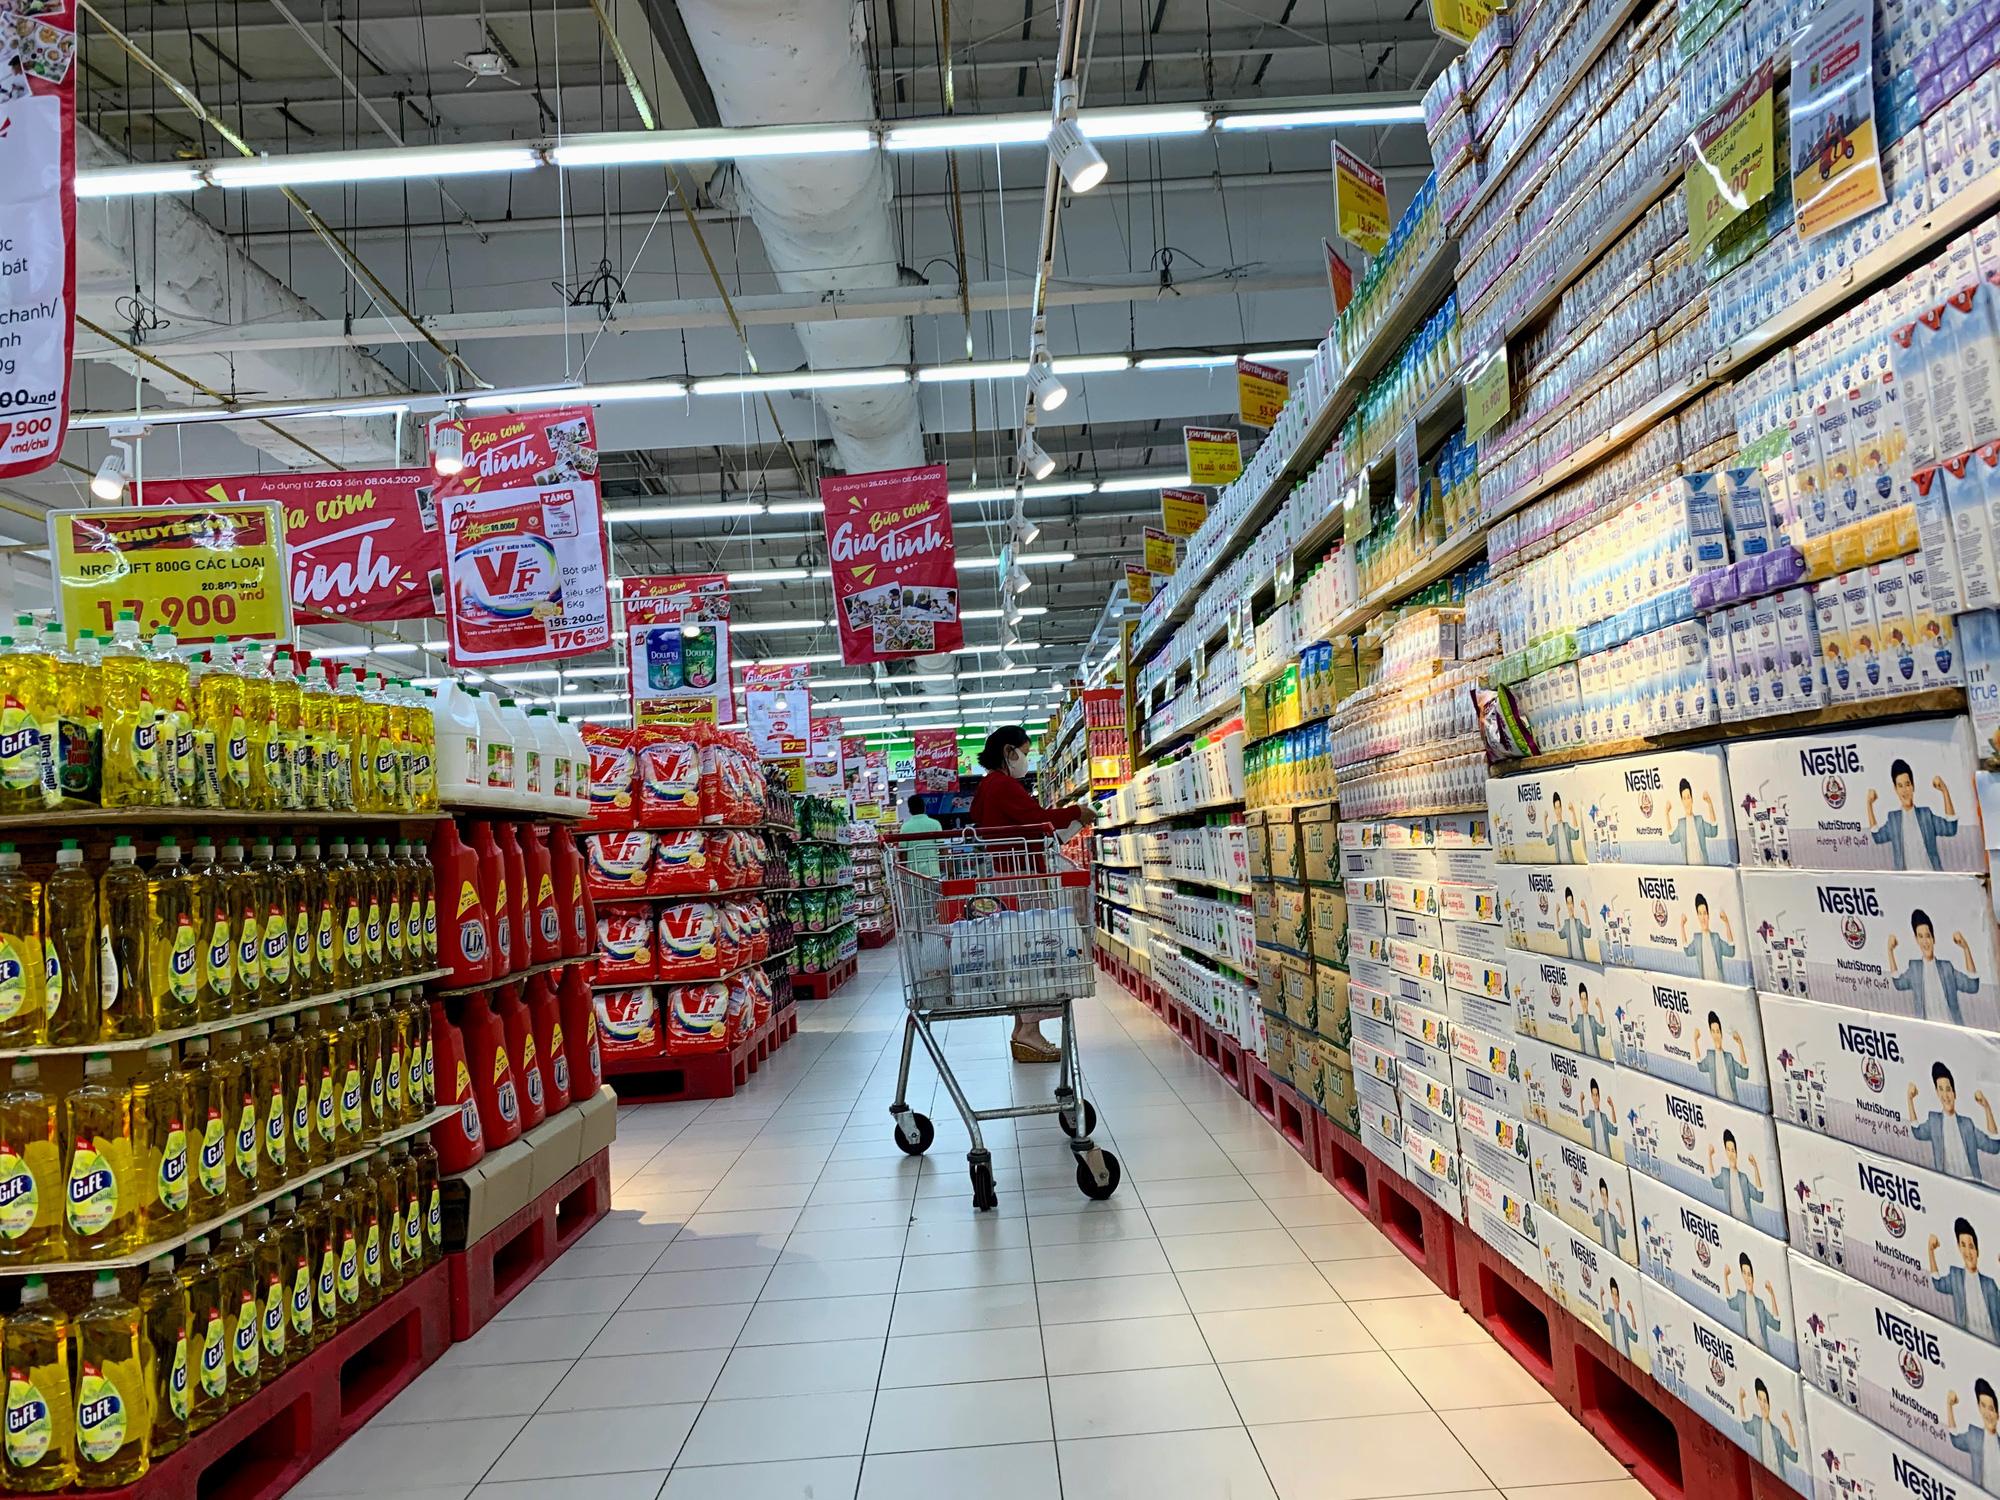 Cận cảnh ngày đầu chống dịch ở Hà Nội: Các cơ sở dịch vụ đóng cửa, siêu thị tiếp tục hoạt động, hàng hoá đầy ăm ắp vắng người mua - Ảnh 16.